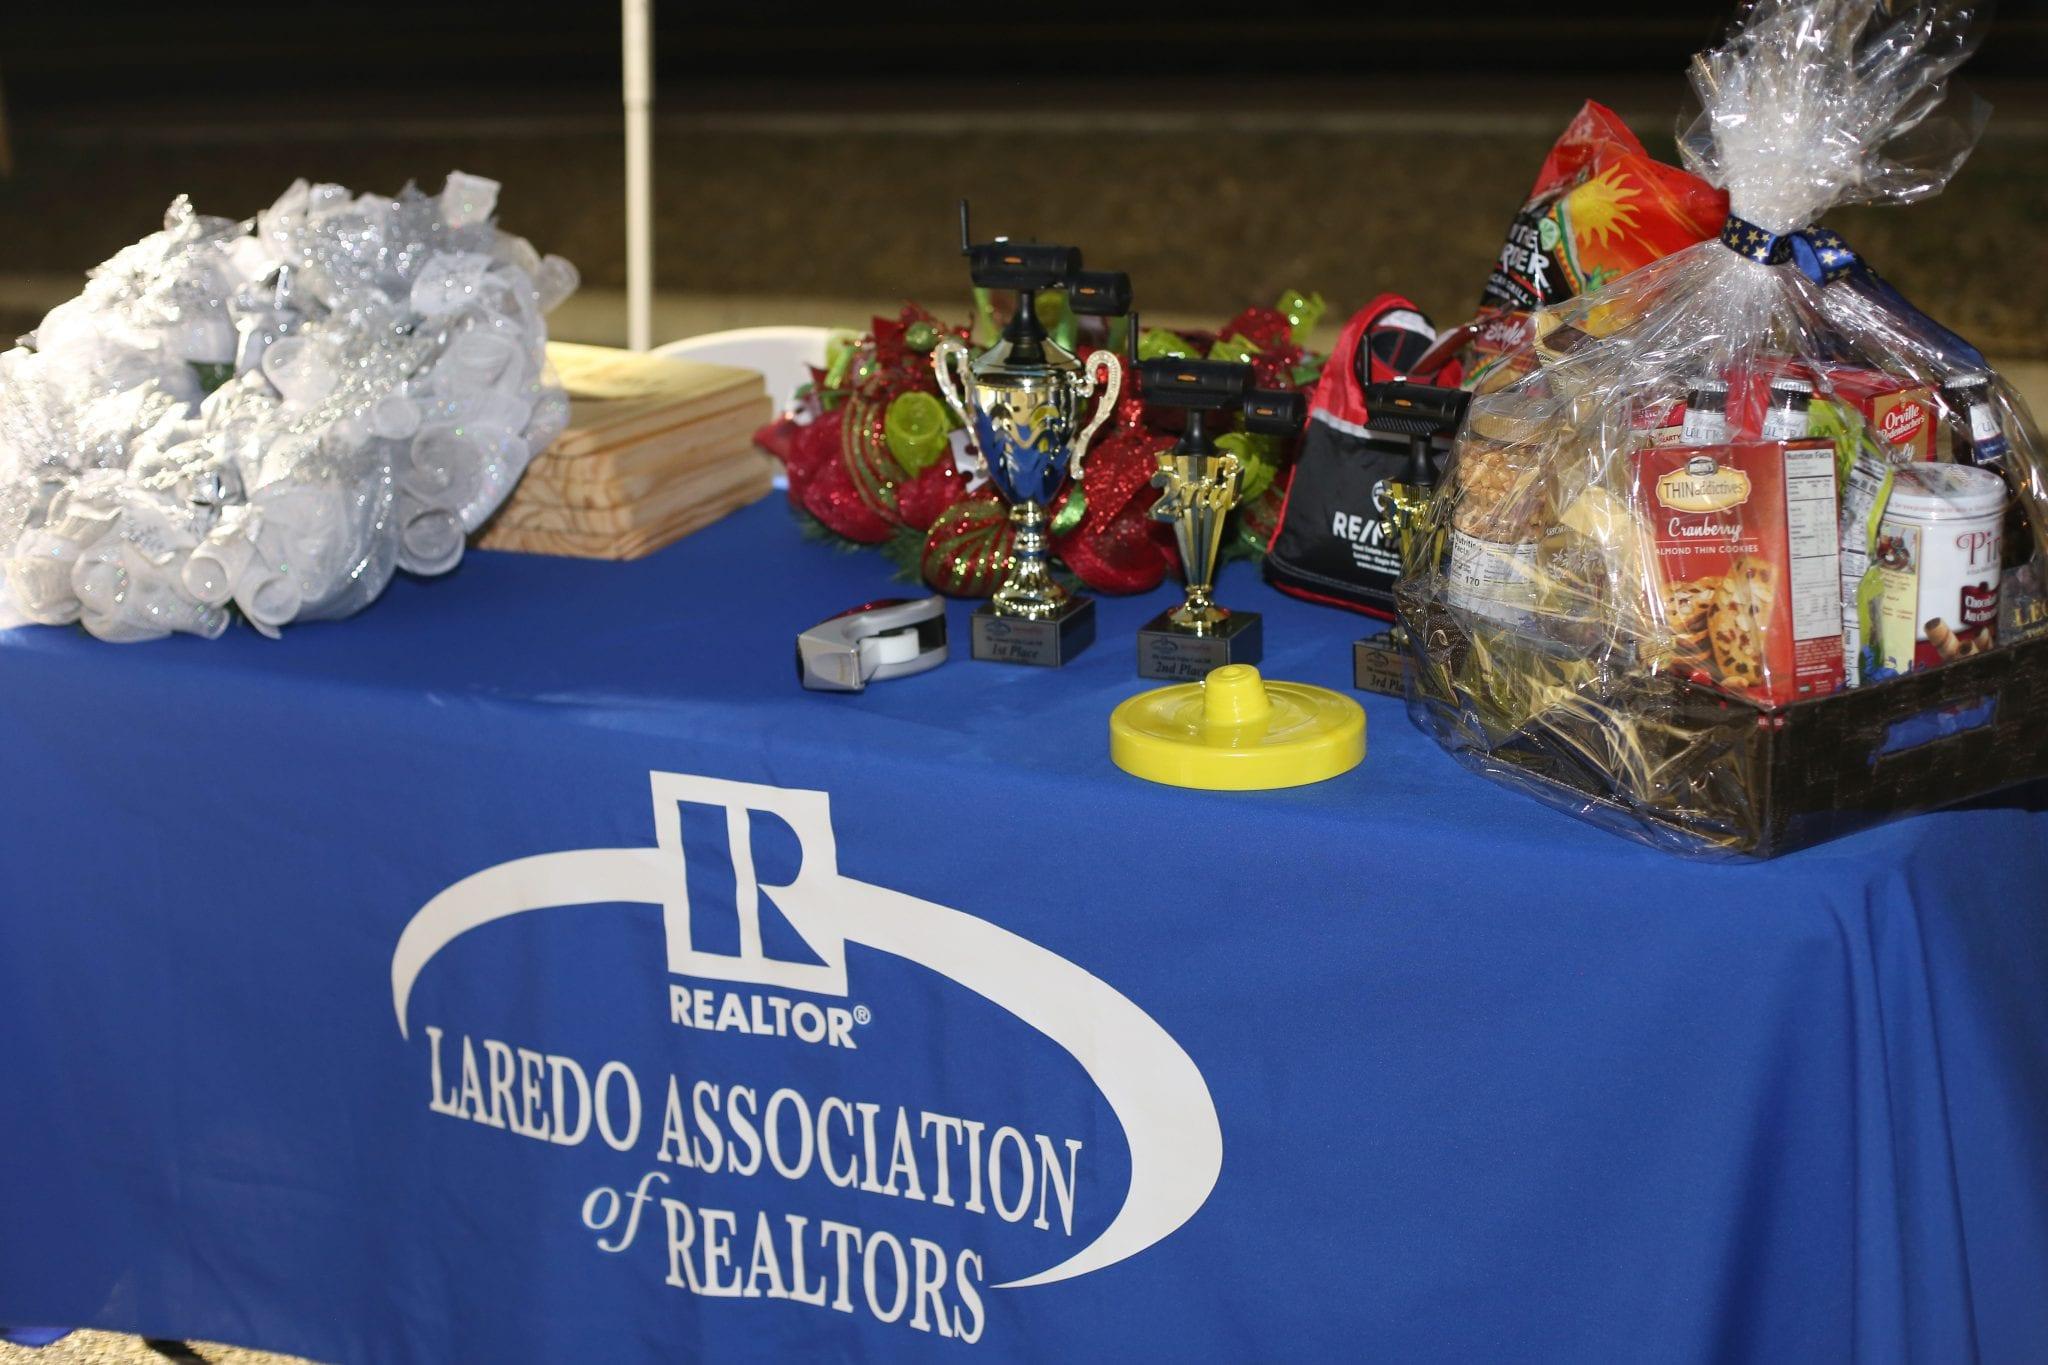 Laredo Realtor - Gallery252